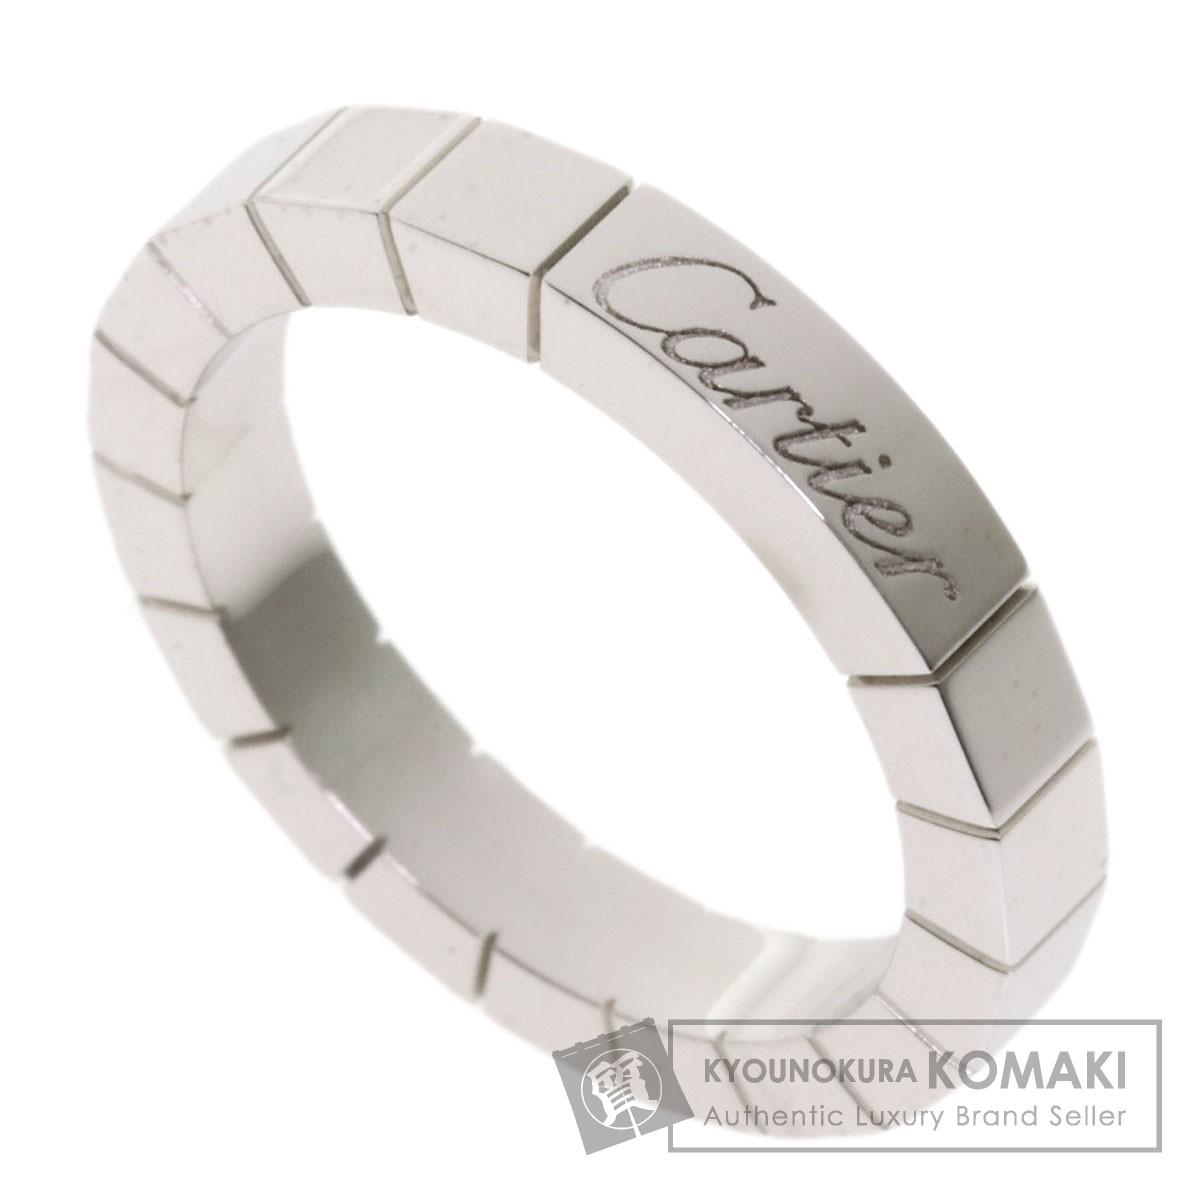 カルティエ ラニエール #48 リング・指輪 K18ホワイトゴールド レディース 【中古】【CARTIER】